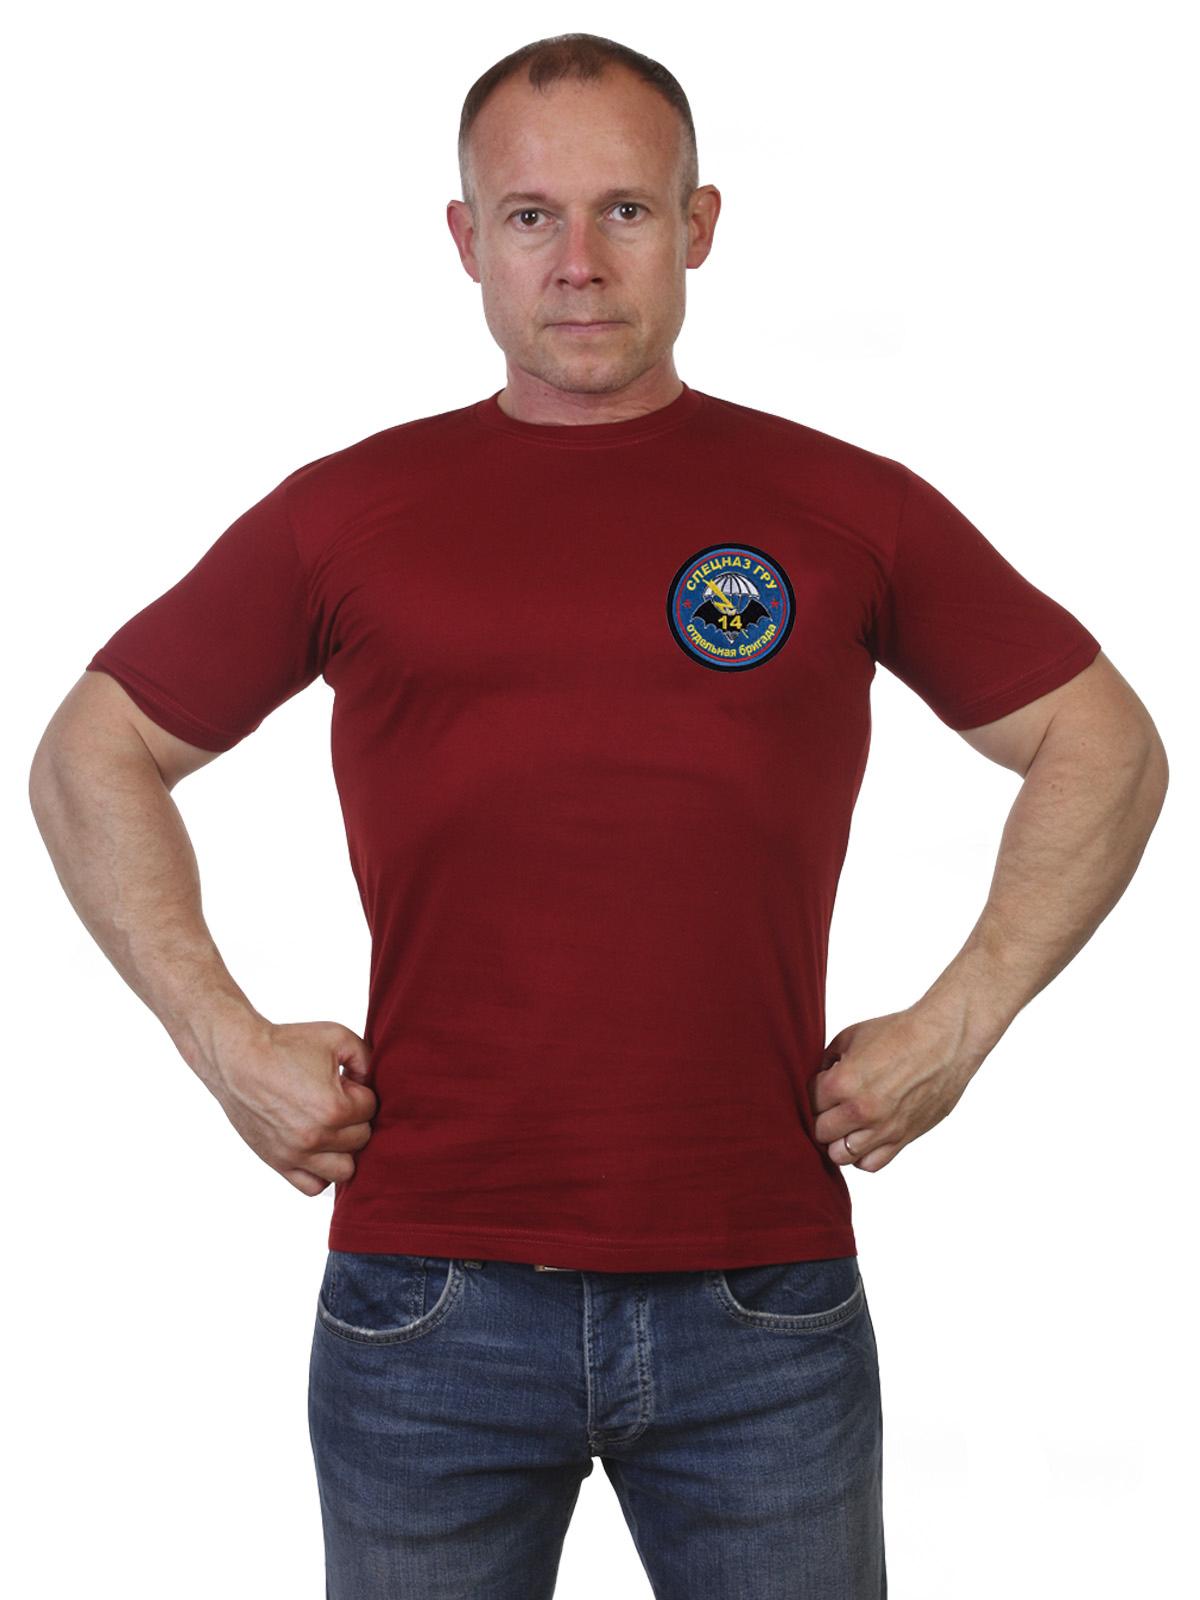 Краповая мужская футболка 14 ОБрСпН ГРУ